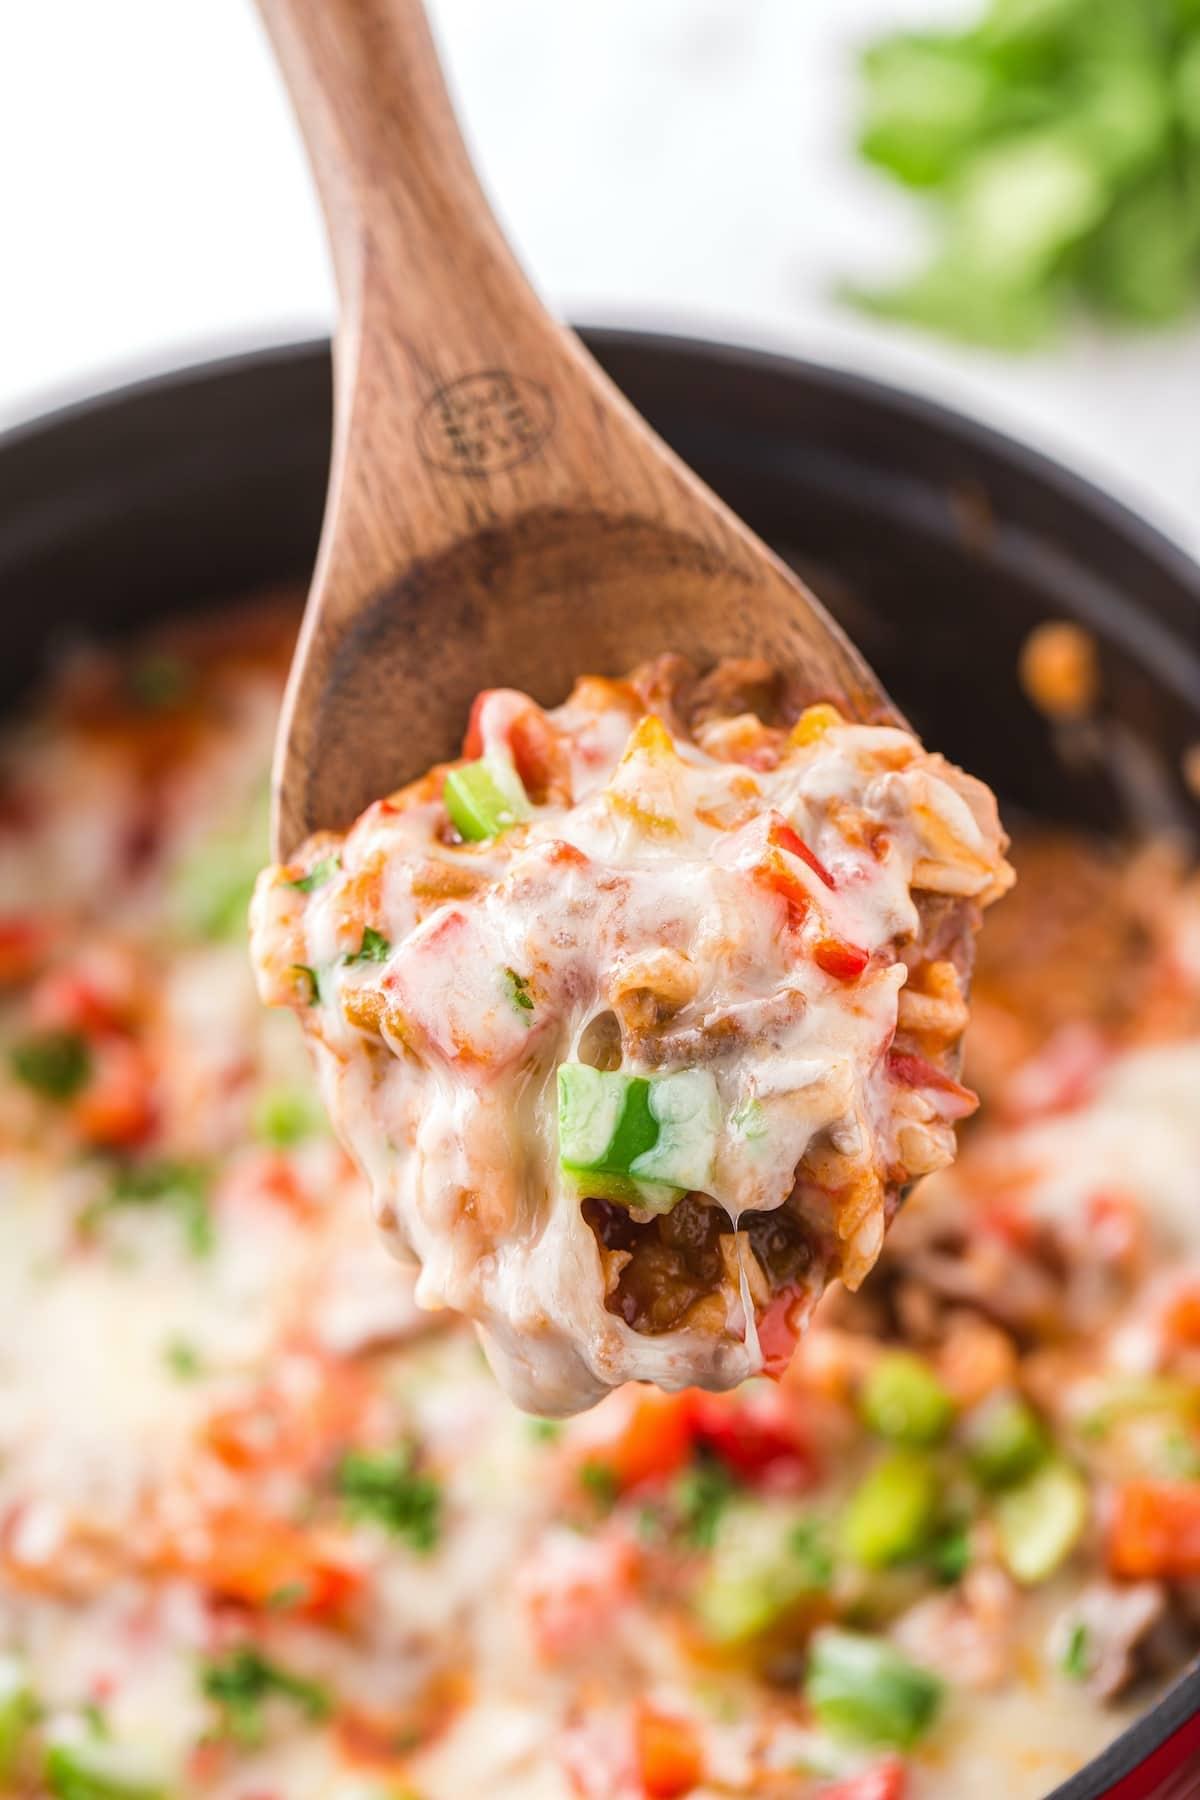 stuffed pepper casserole in wooden spoon